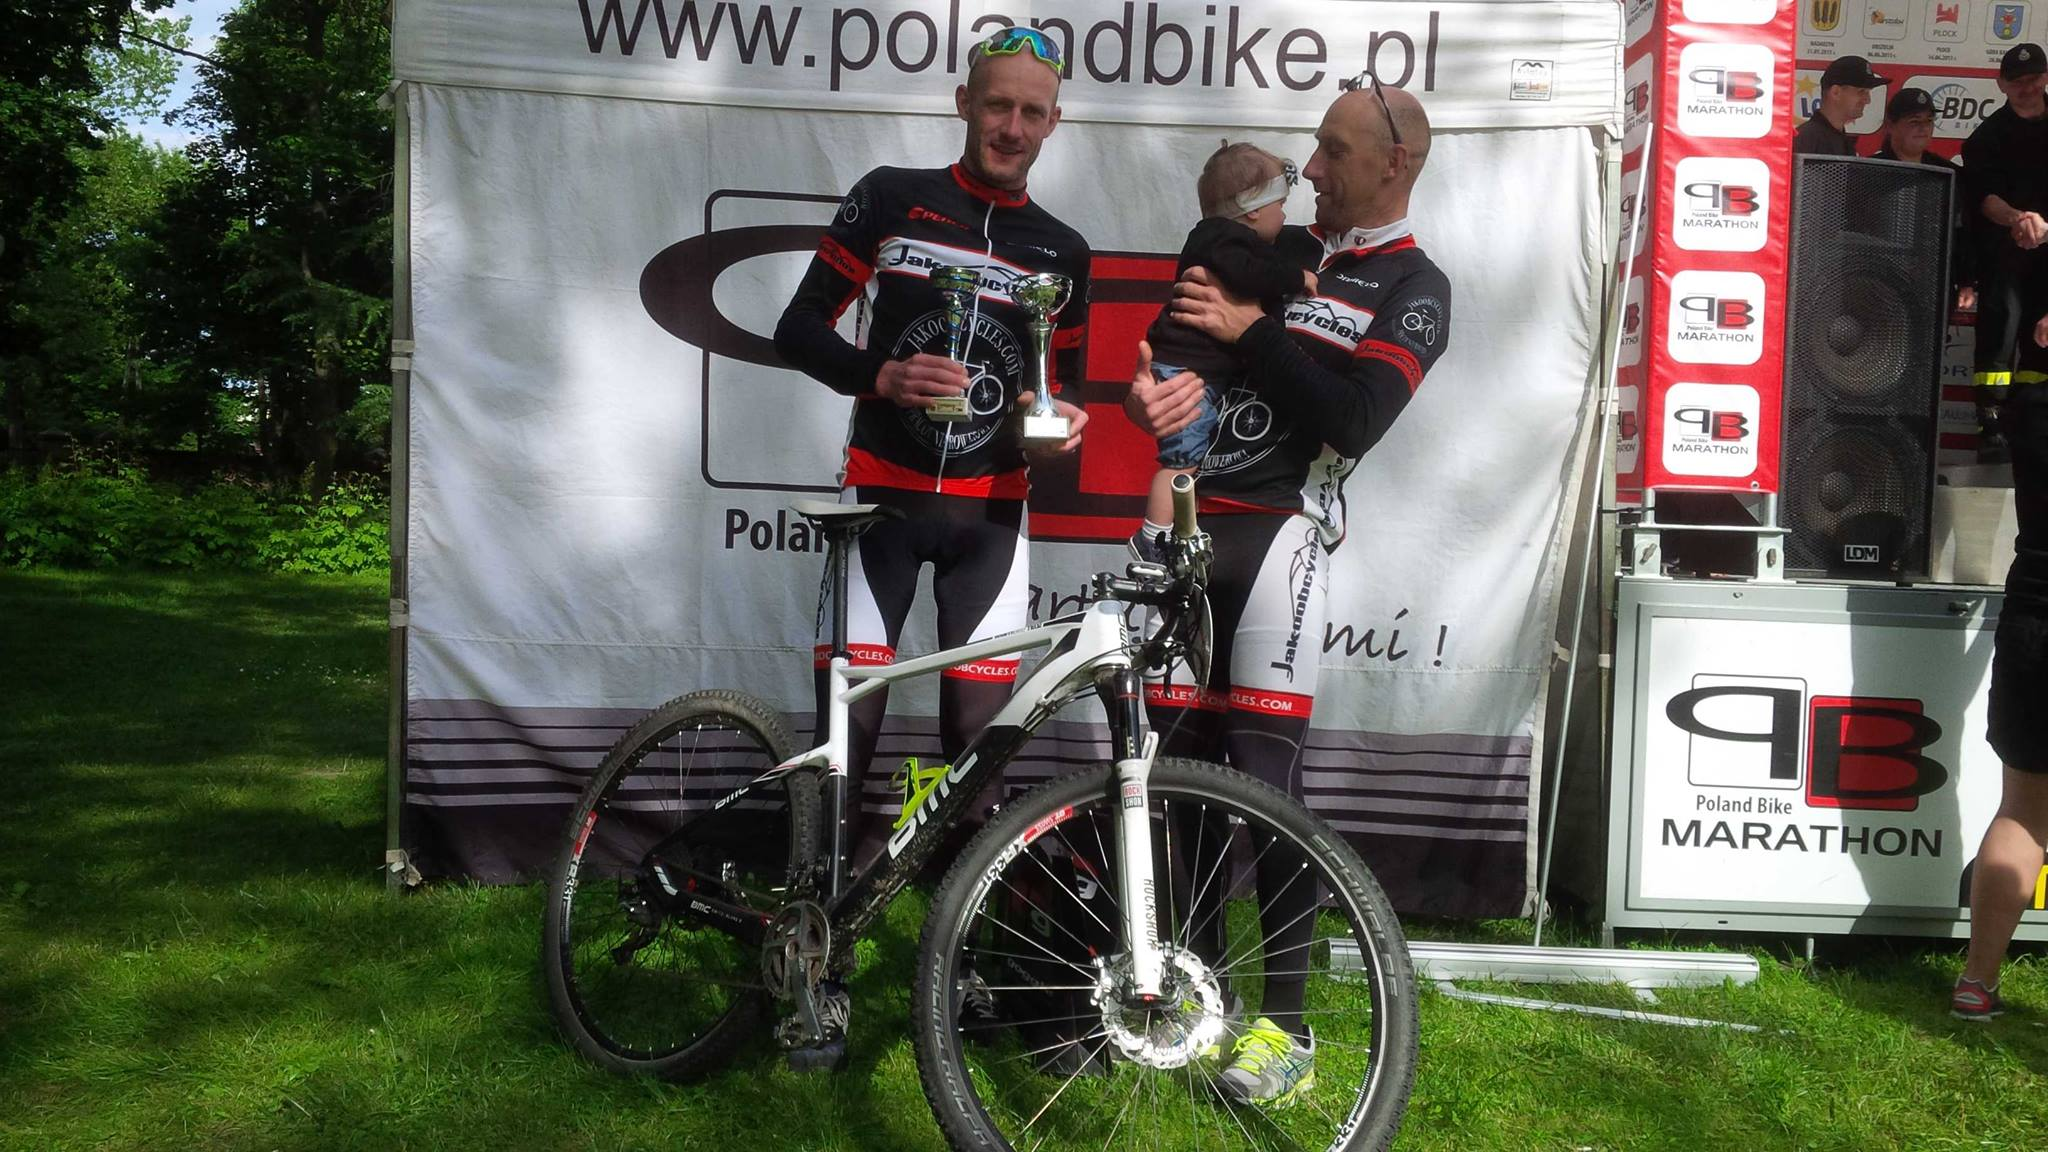 Jarosław Wolcendorf (jakoobcycles.com) – Poland Bike – Nadarzyn